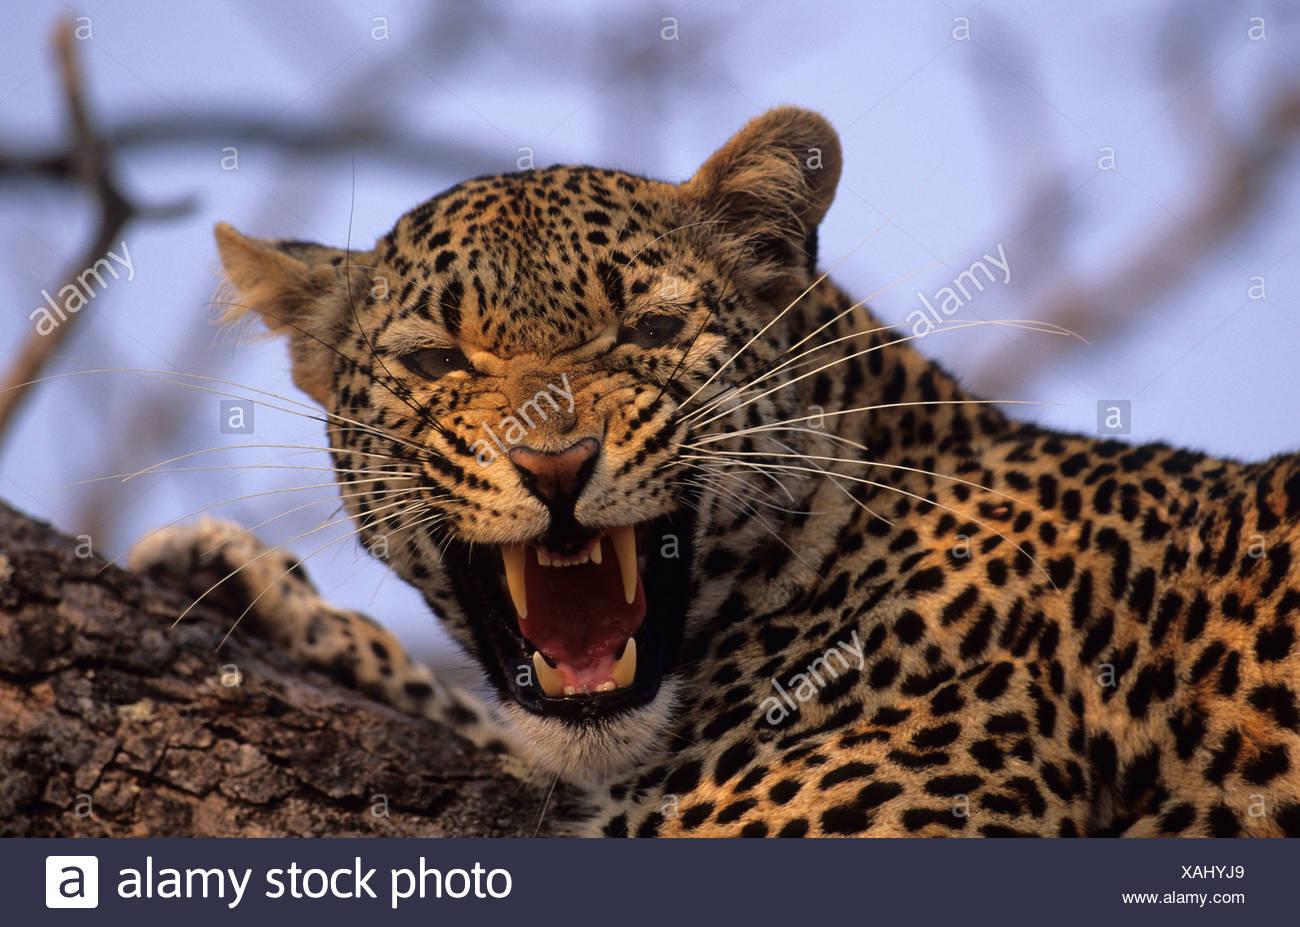 Leopard (Panthera pardus), snarling, Sabi Sabi, Greater Kruger National Park, South Africa Stock Photo